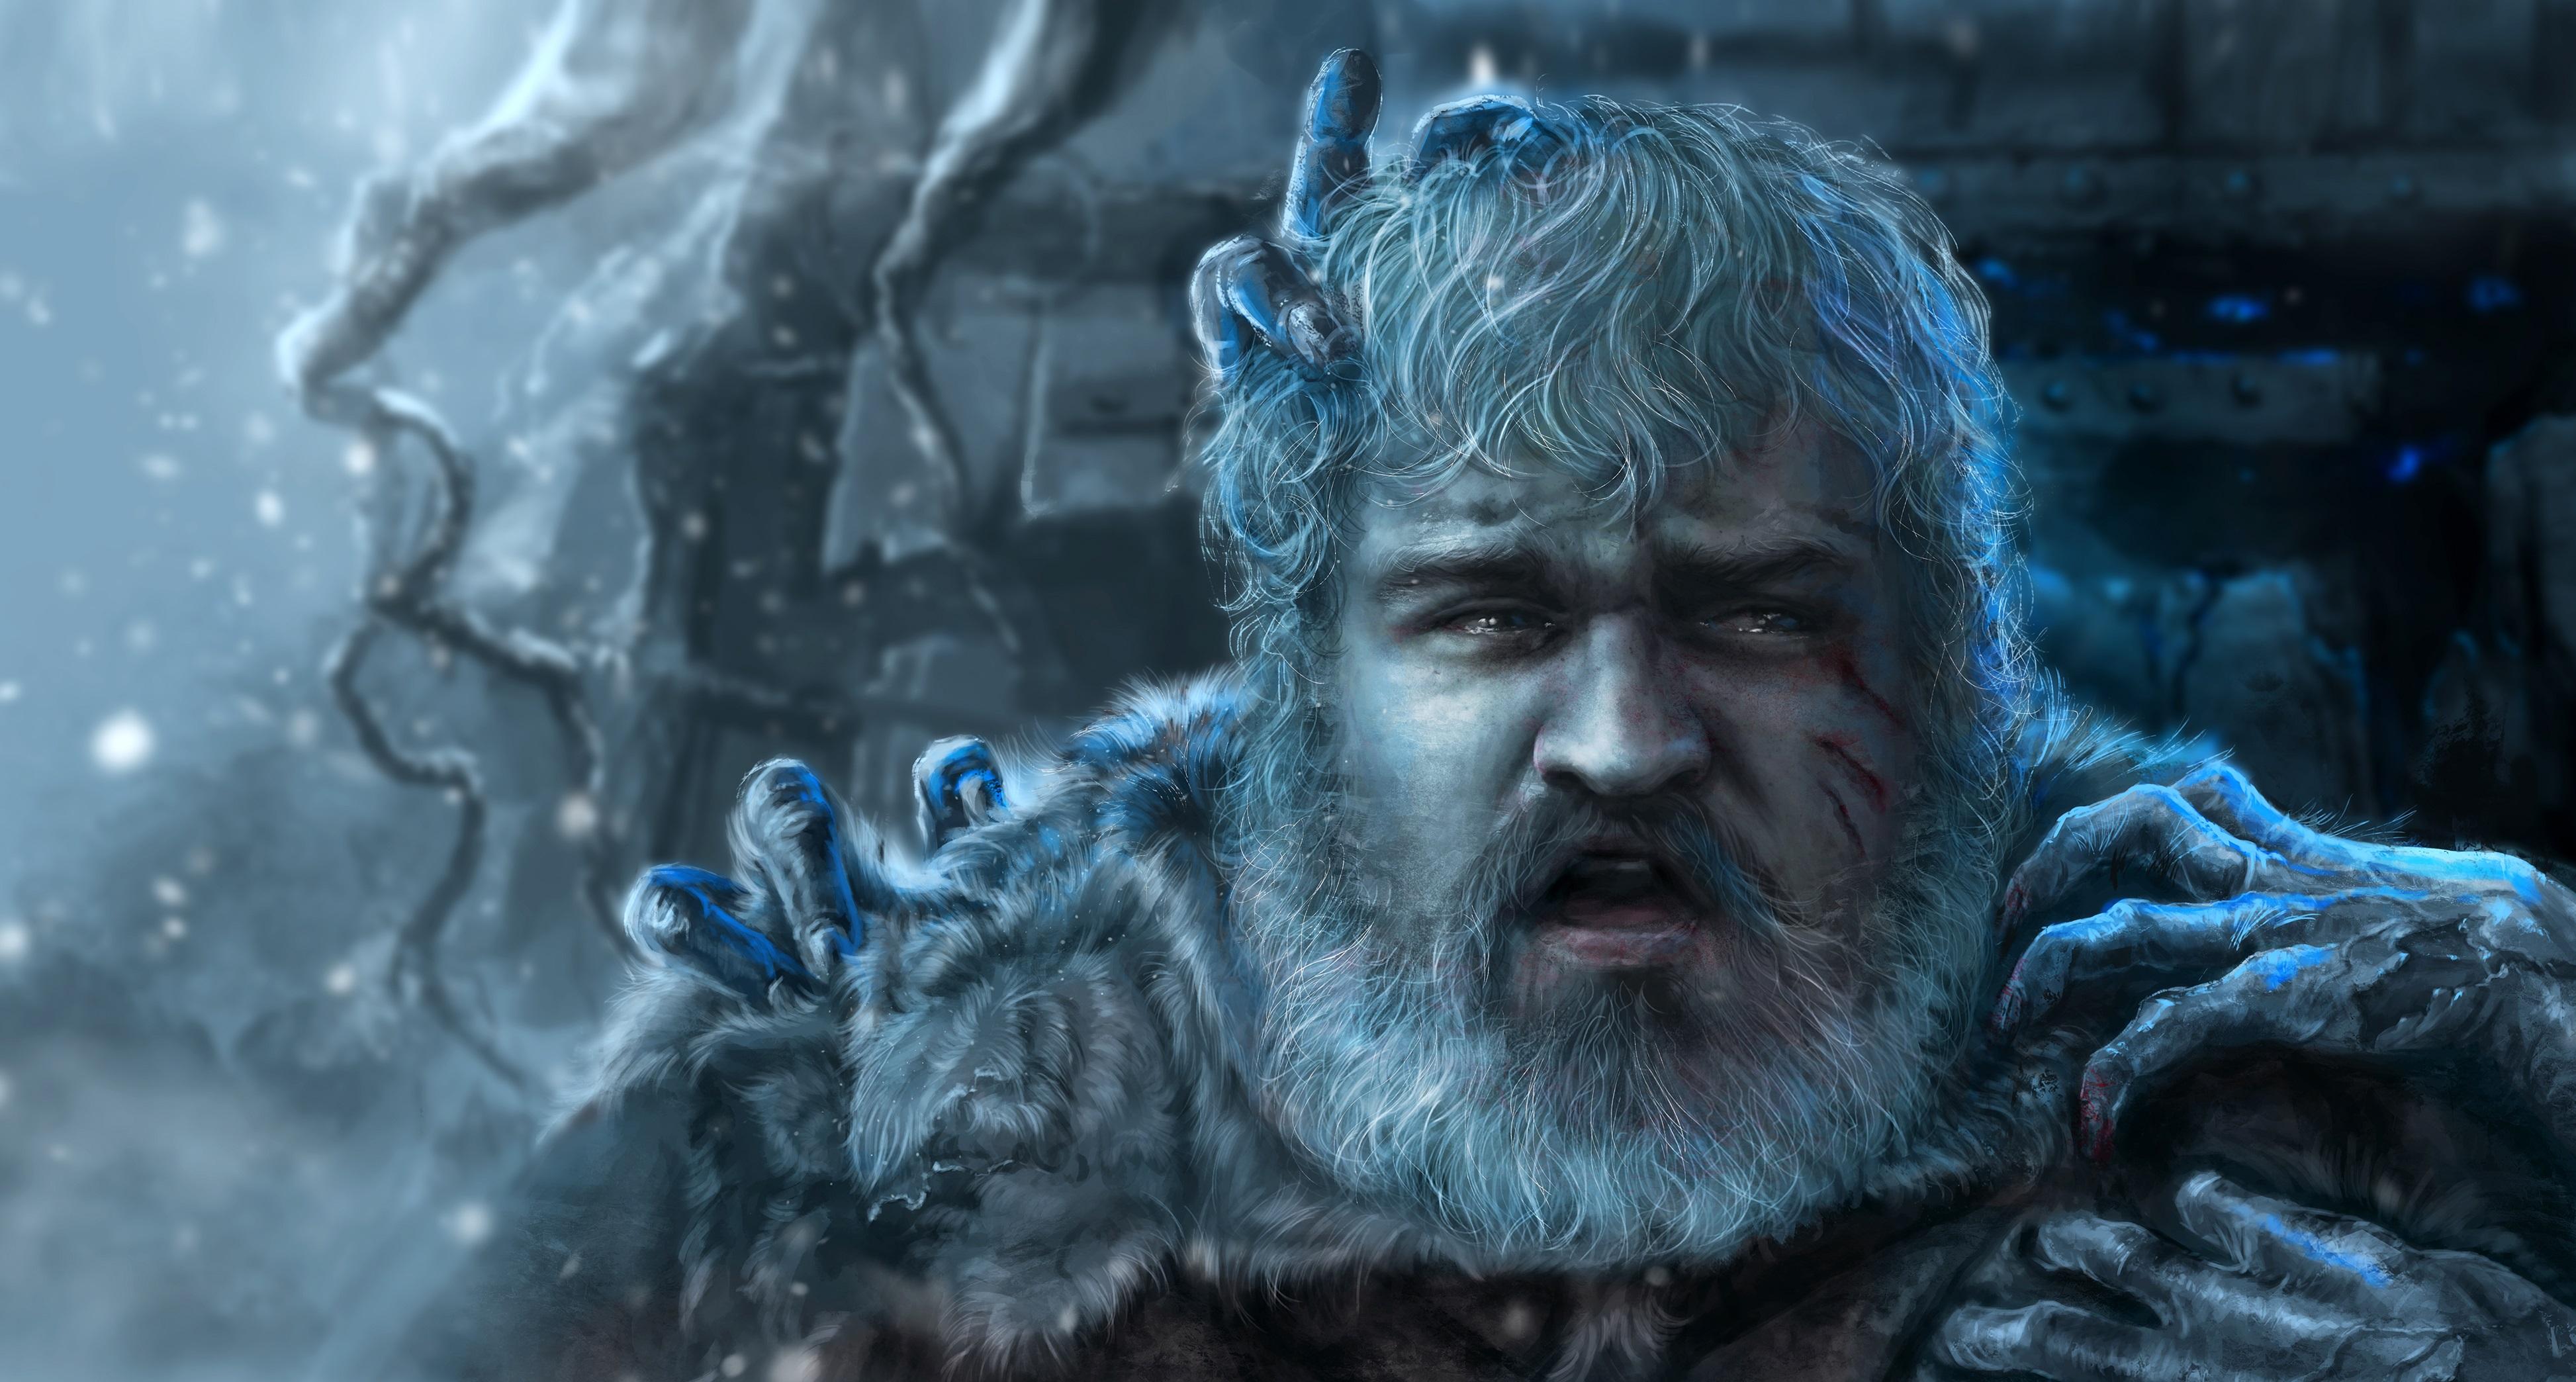 4k Game Of Thrones Wallpaper: Hodor Game Of Thrones Art, HD Tv Shows, 4k Wallpapers